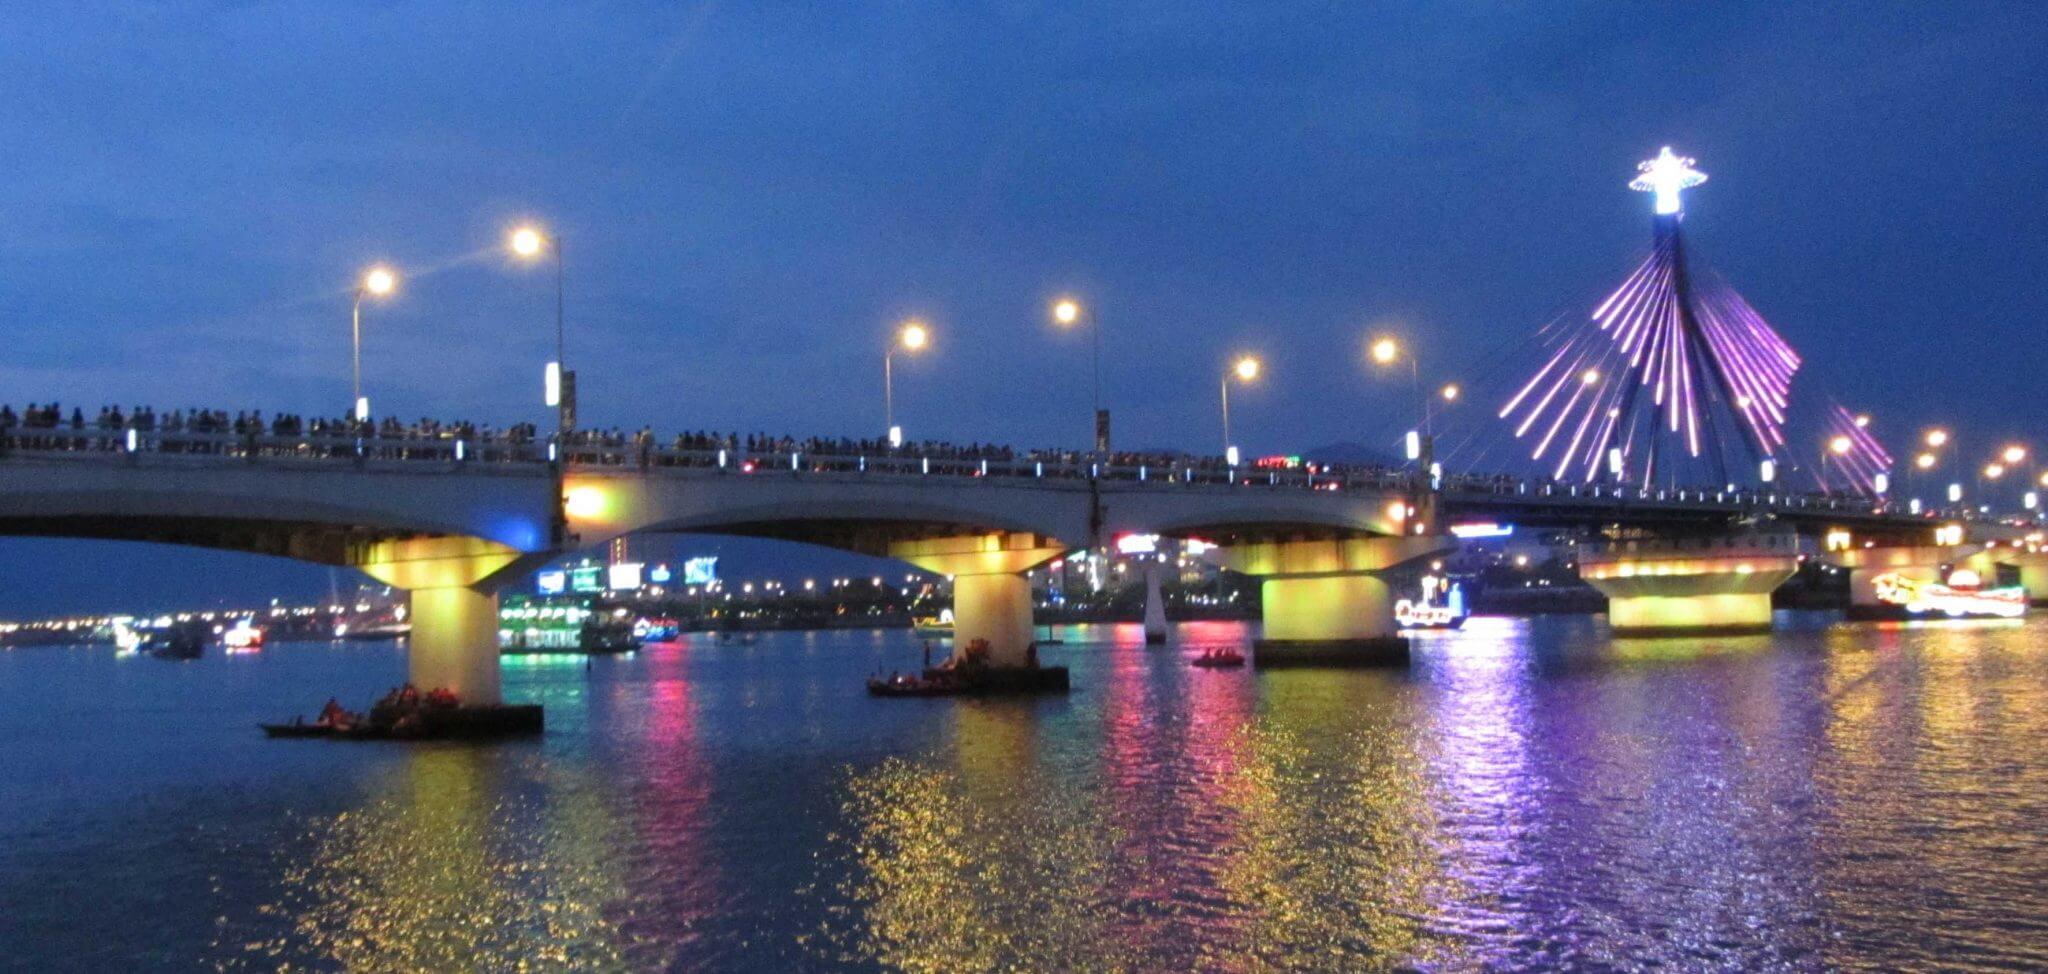 Chú trọng đầu tư hạ tầng,Đà Nẵng ngày càng thu hút du khách - Ảnh 1